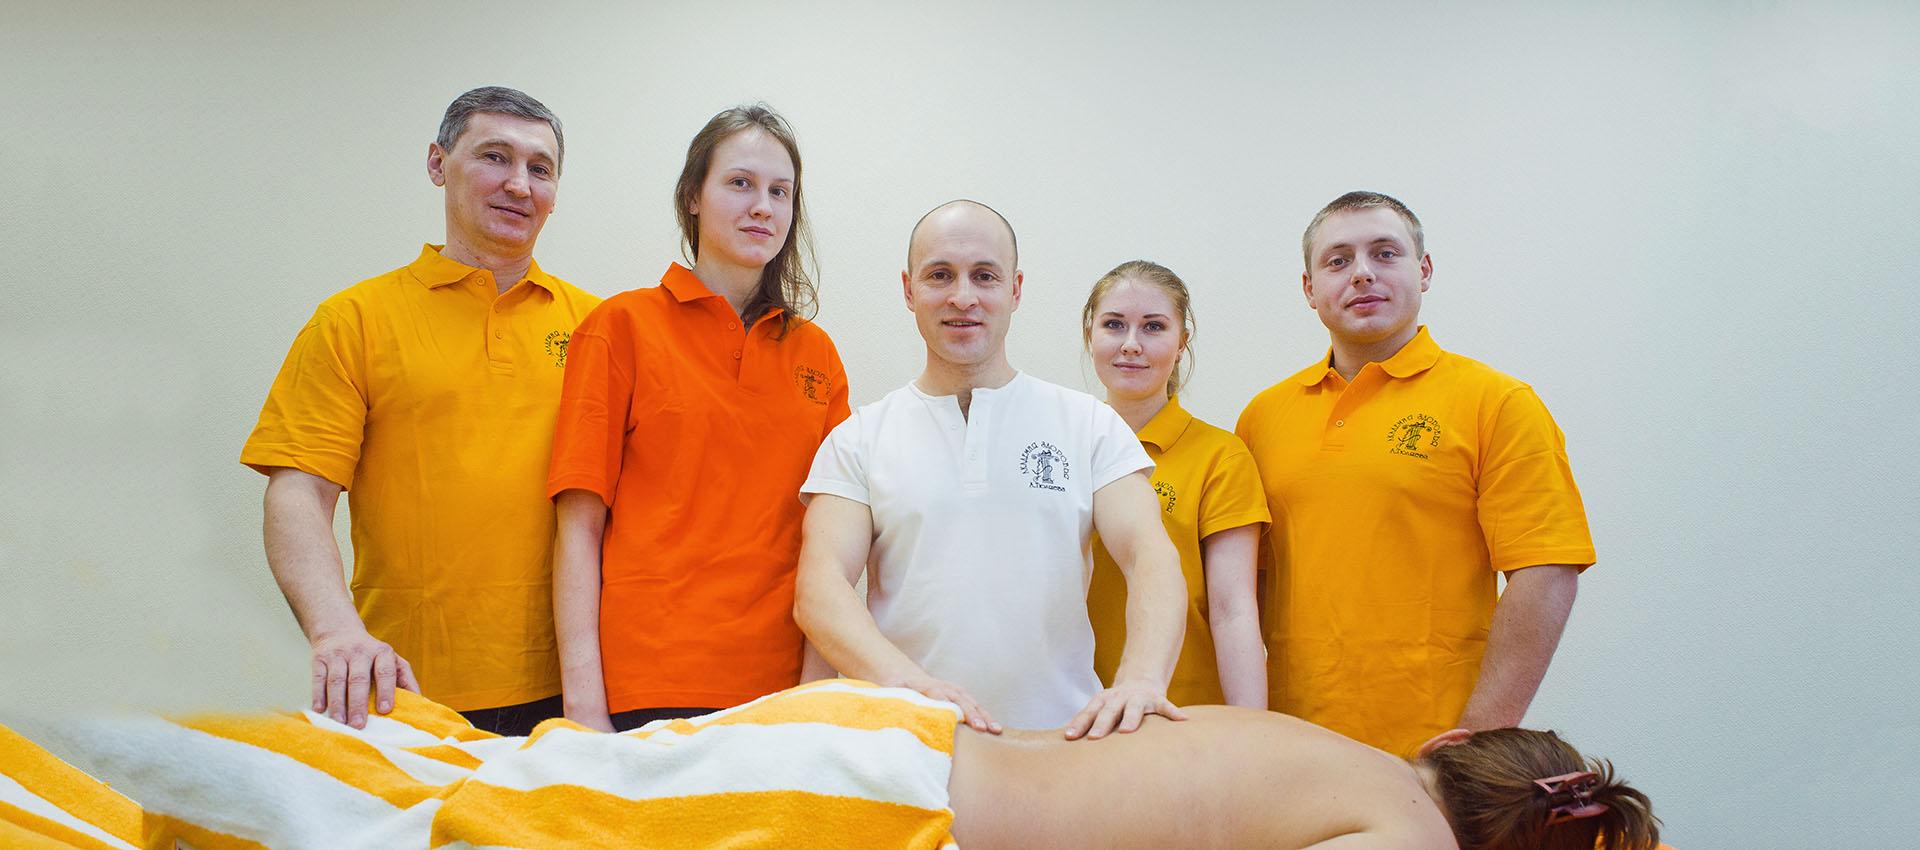 Запись на курсы массажа: <br />+7 (965) 796-88-66